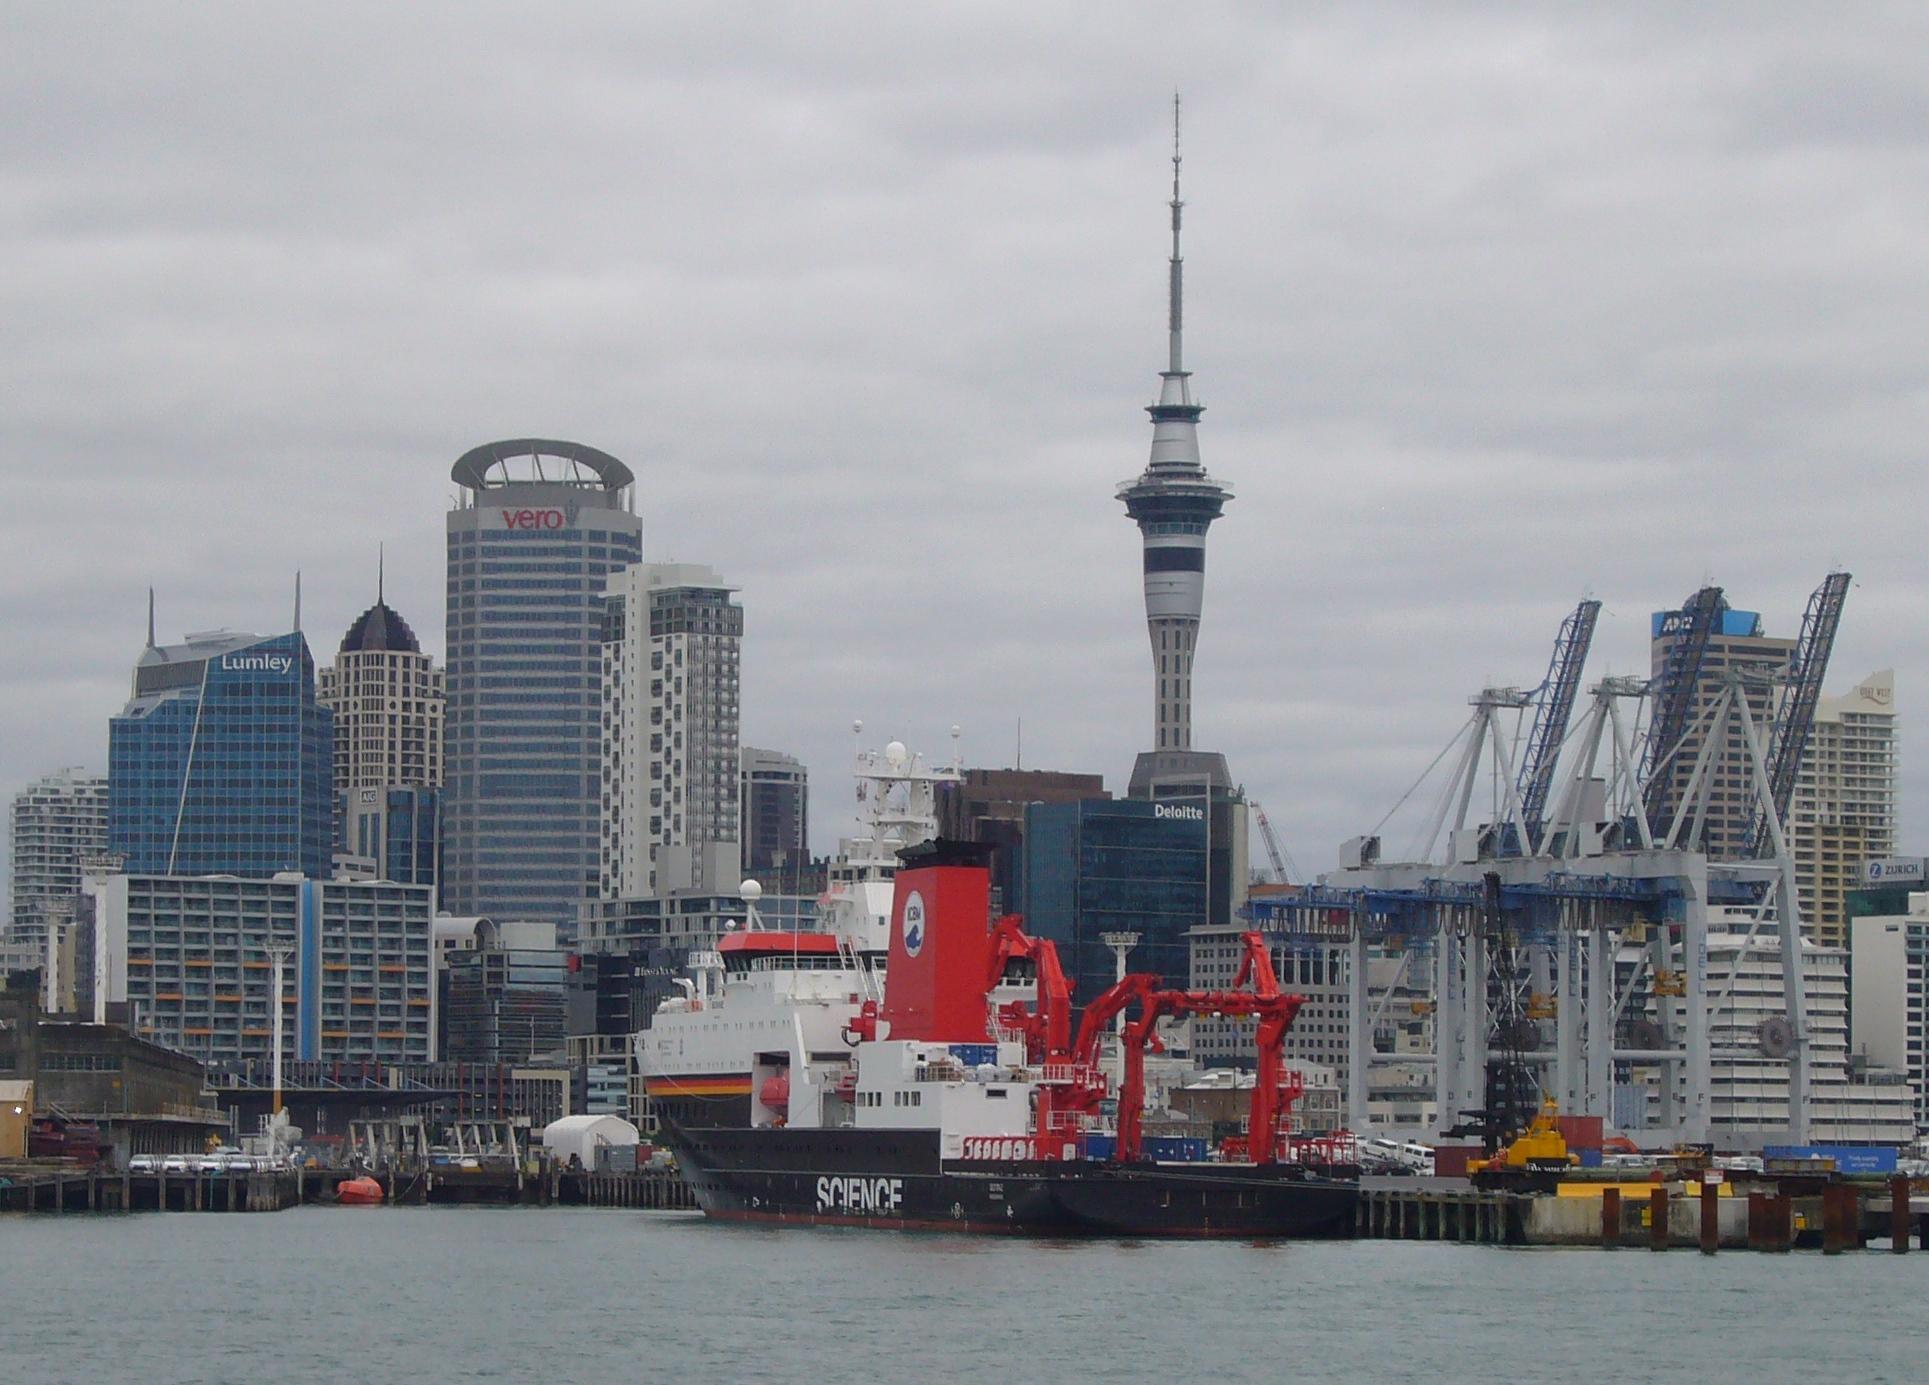 Blickfang vor der Skyline von Auckland (Neuseeland): Das Forschungsschiff SONNE